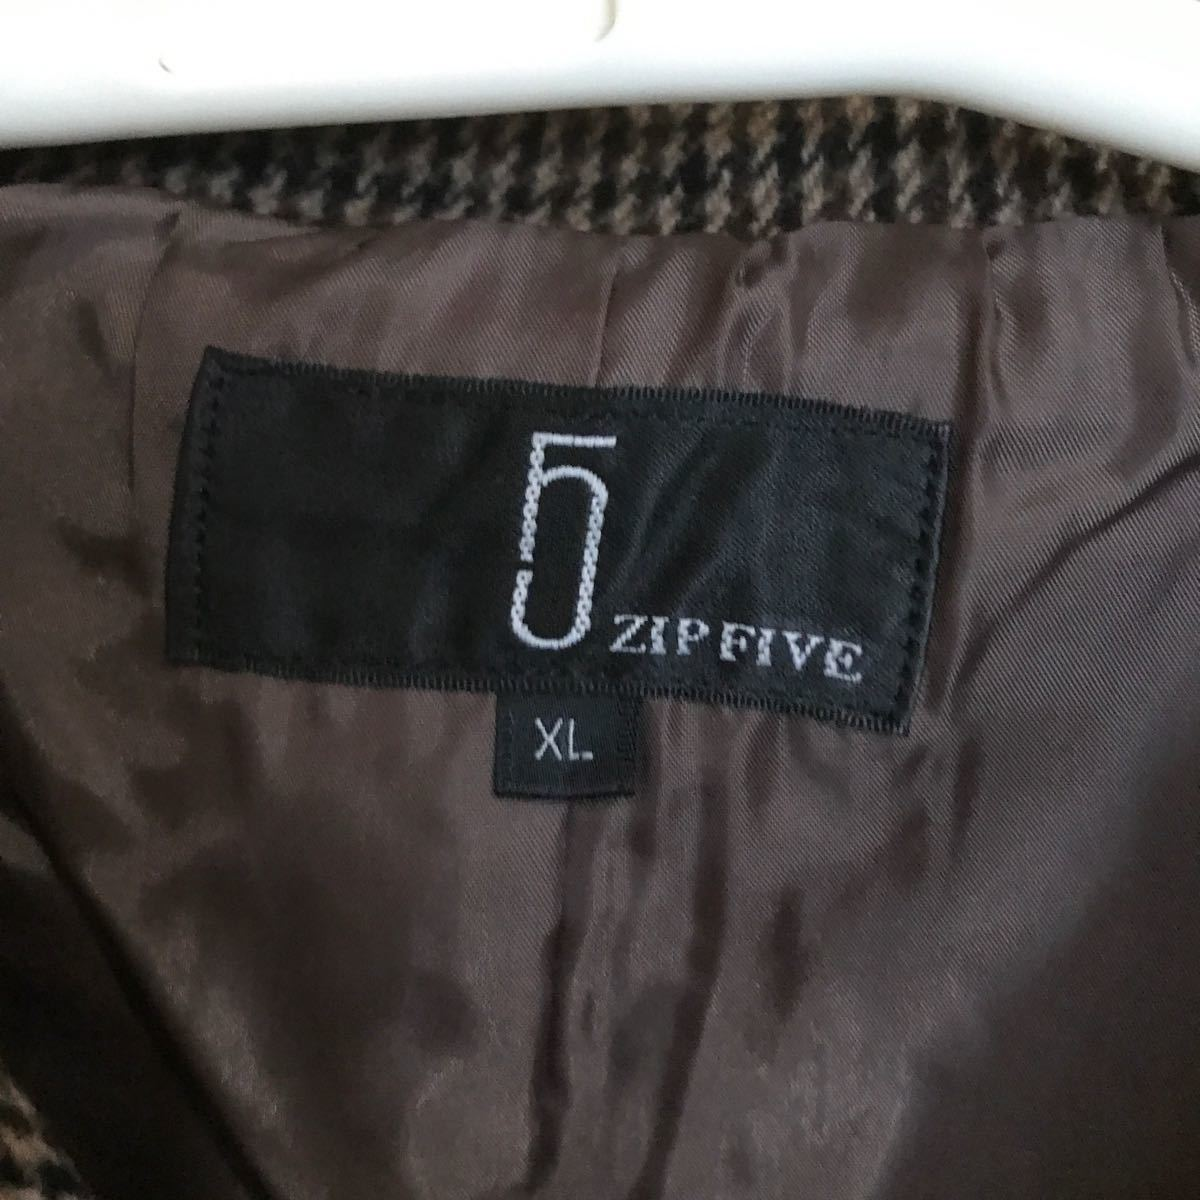 ZIP FIVE ジャケット ピーコート Pコート